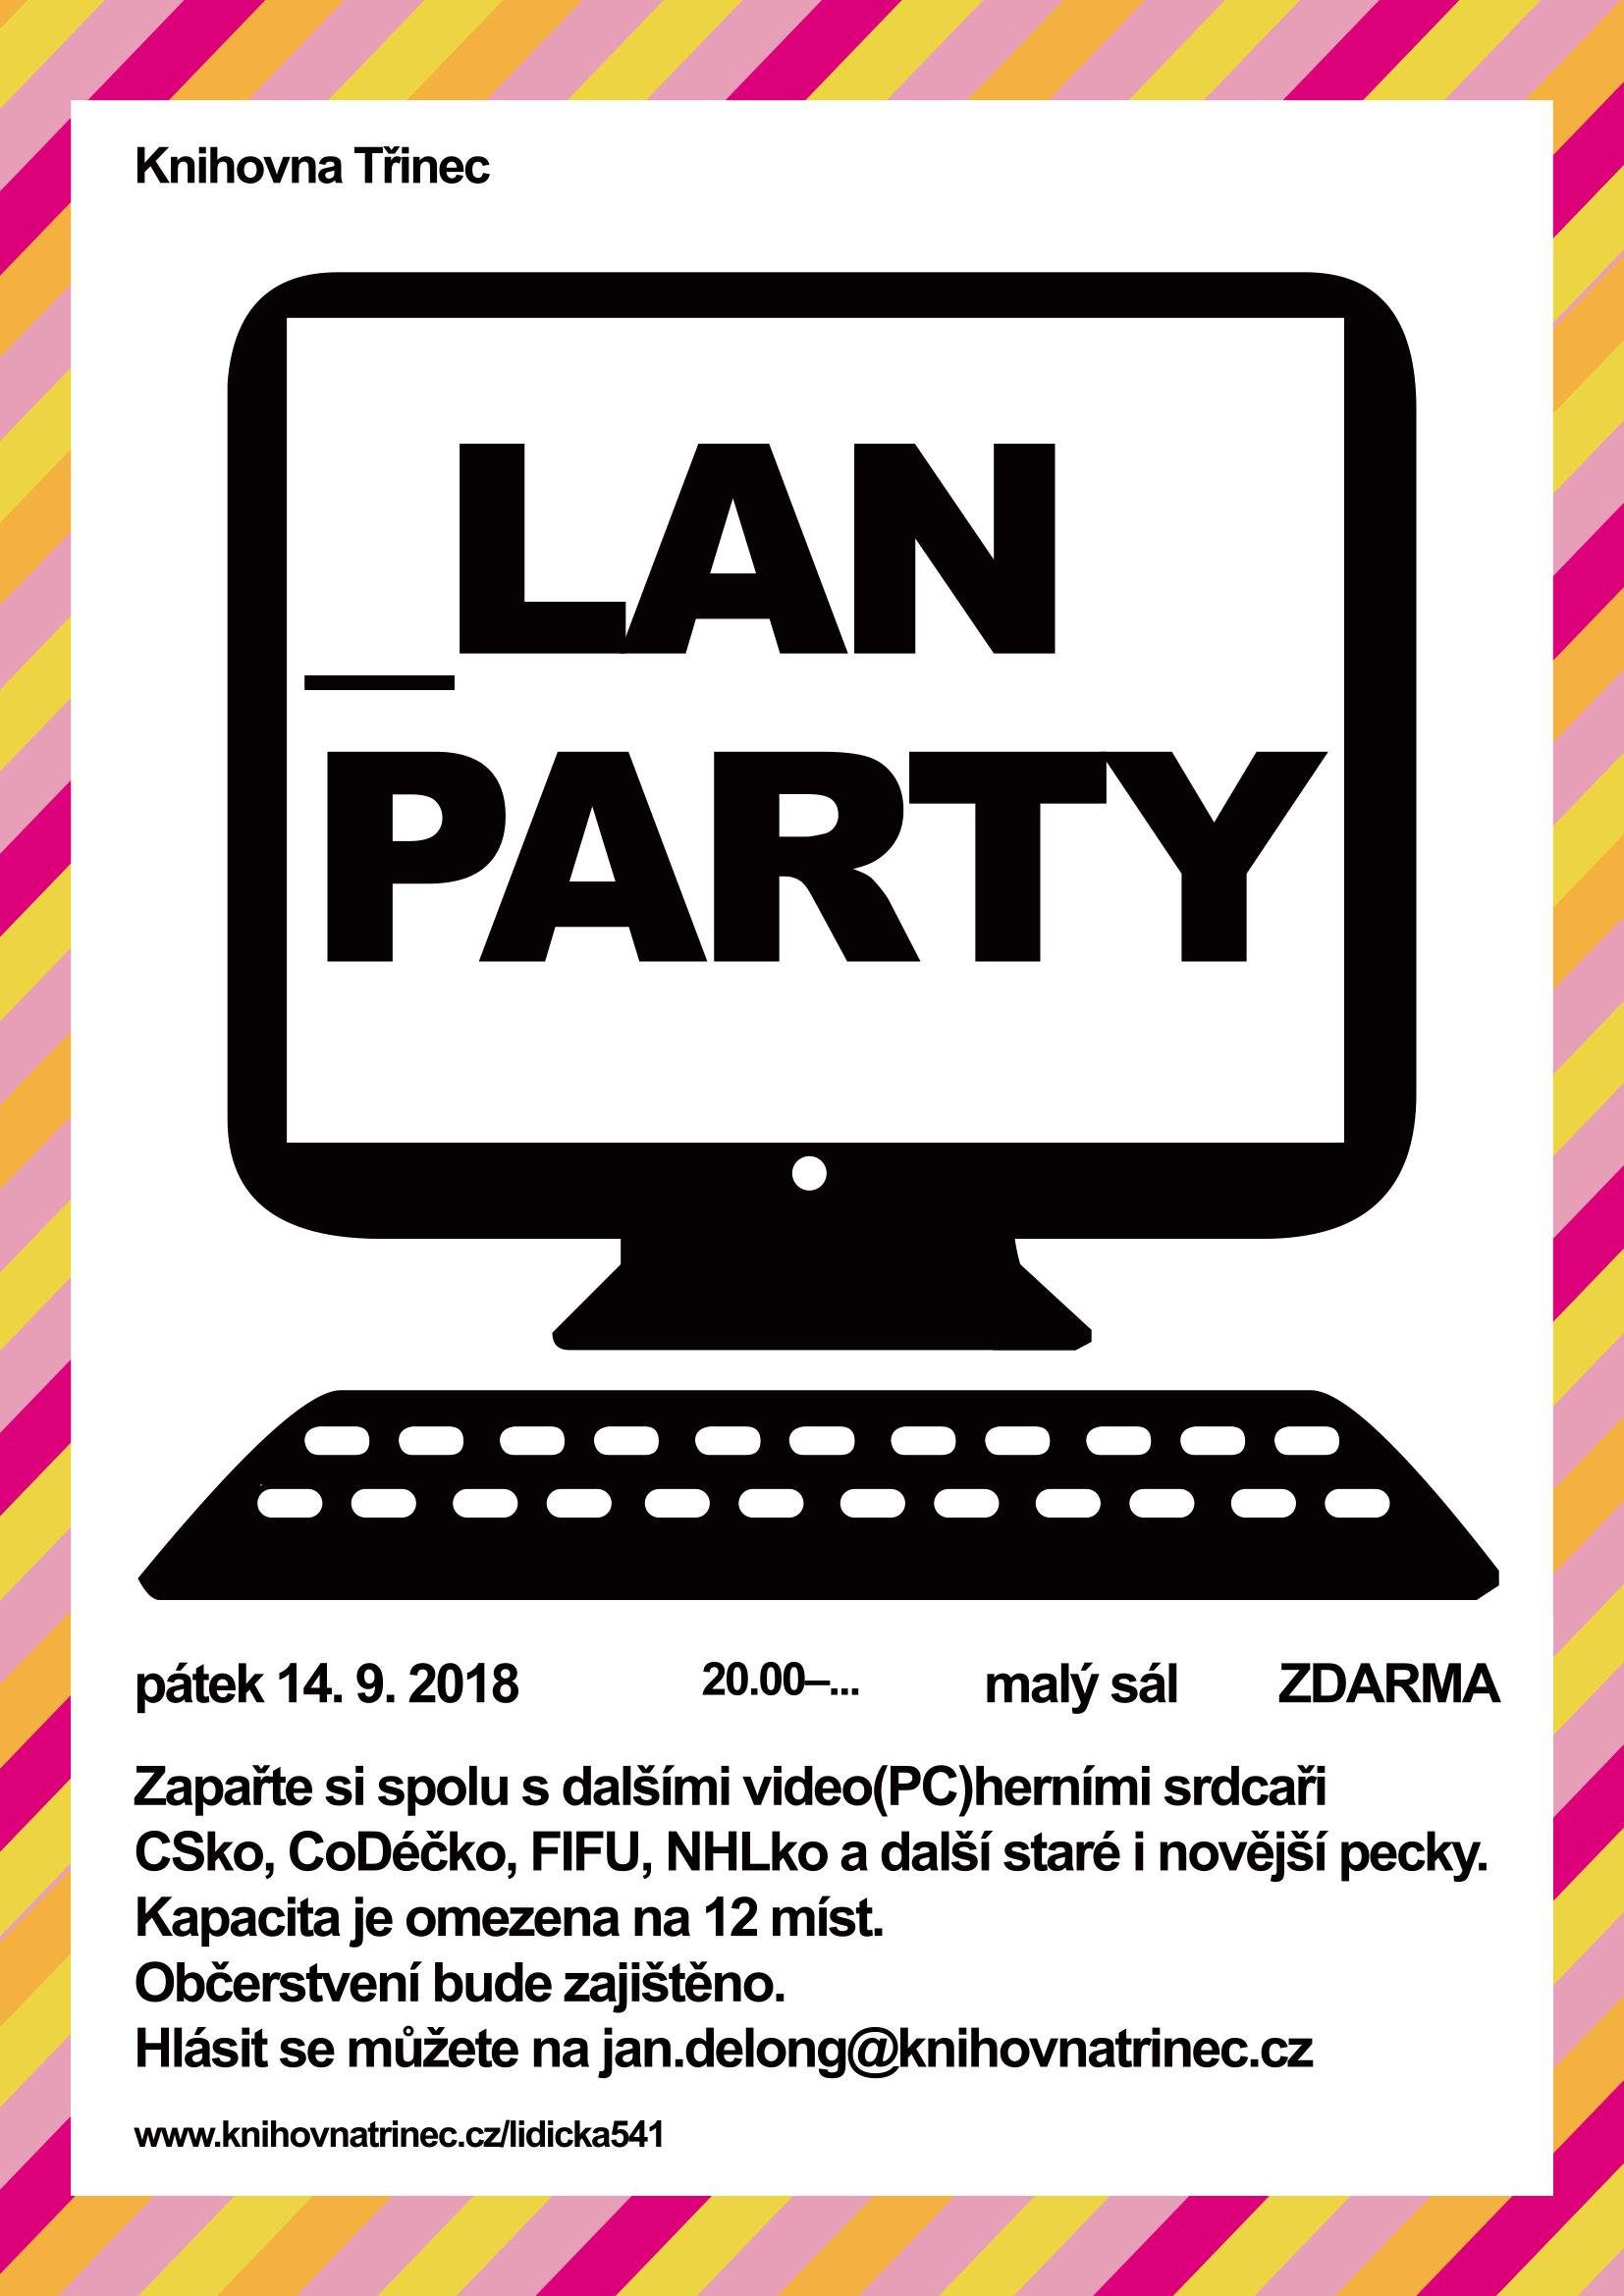 LAN Party WEB 2